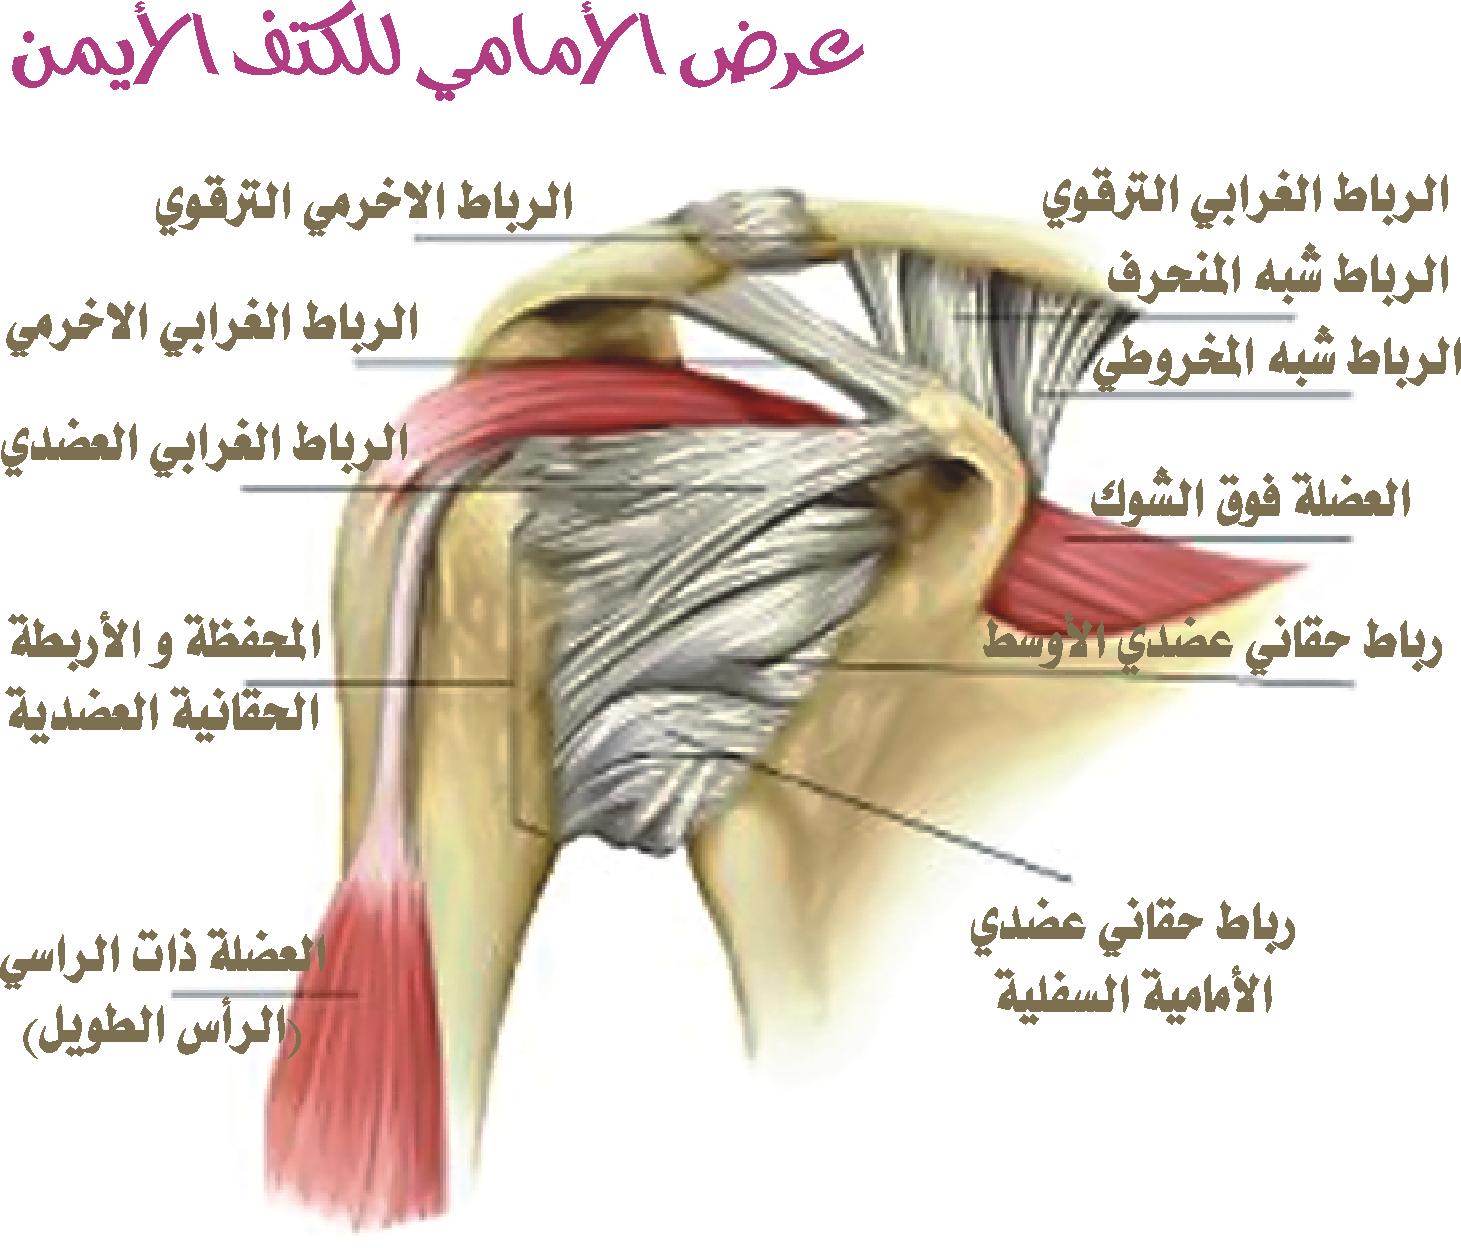 أربطة الجسم المختلفة من صنعها وربطها وشد احكامها Image%2B2